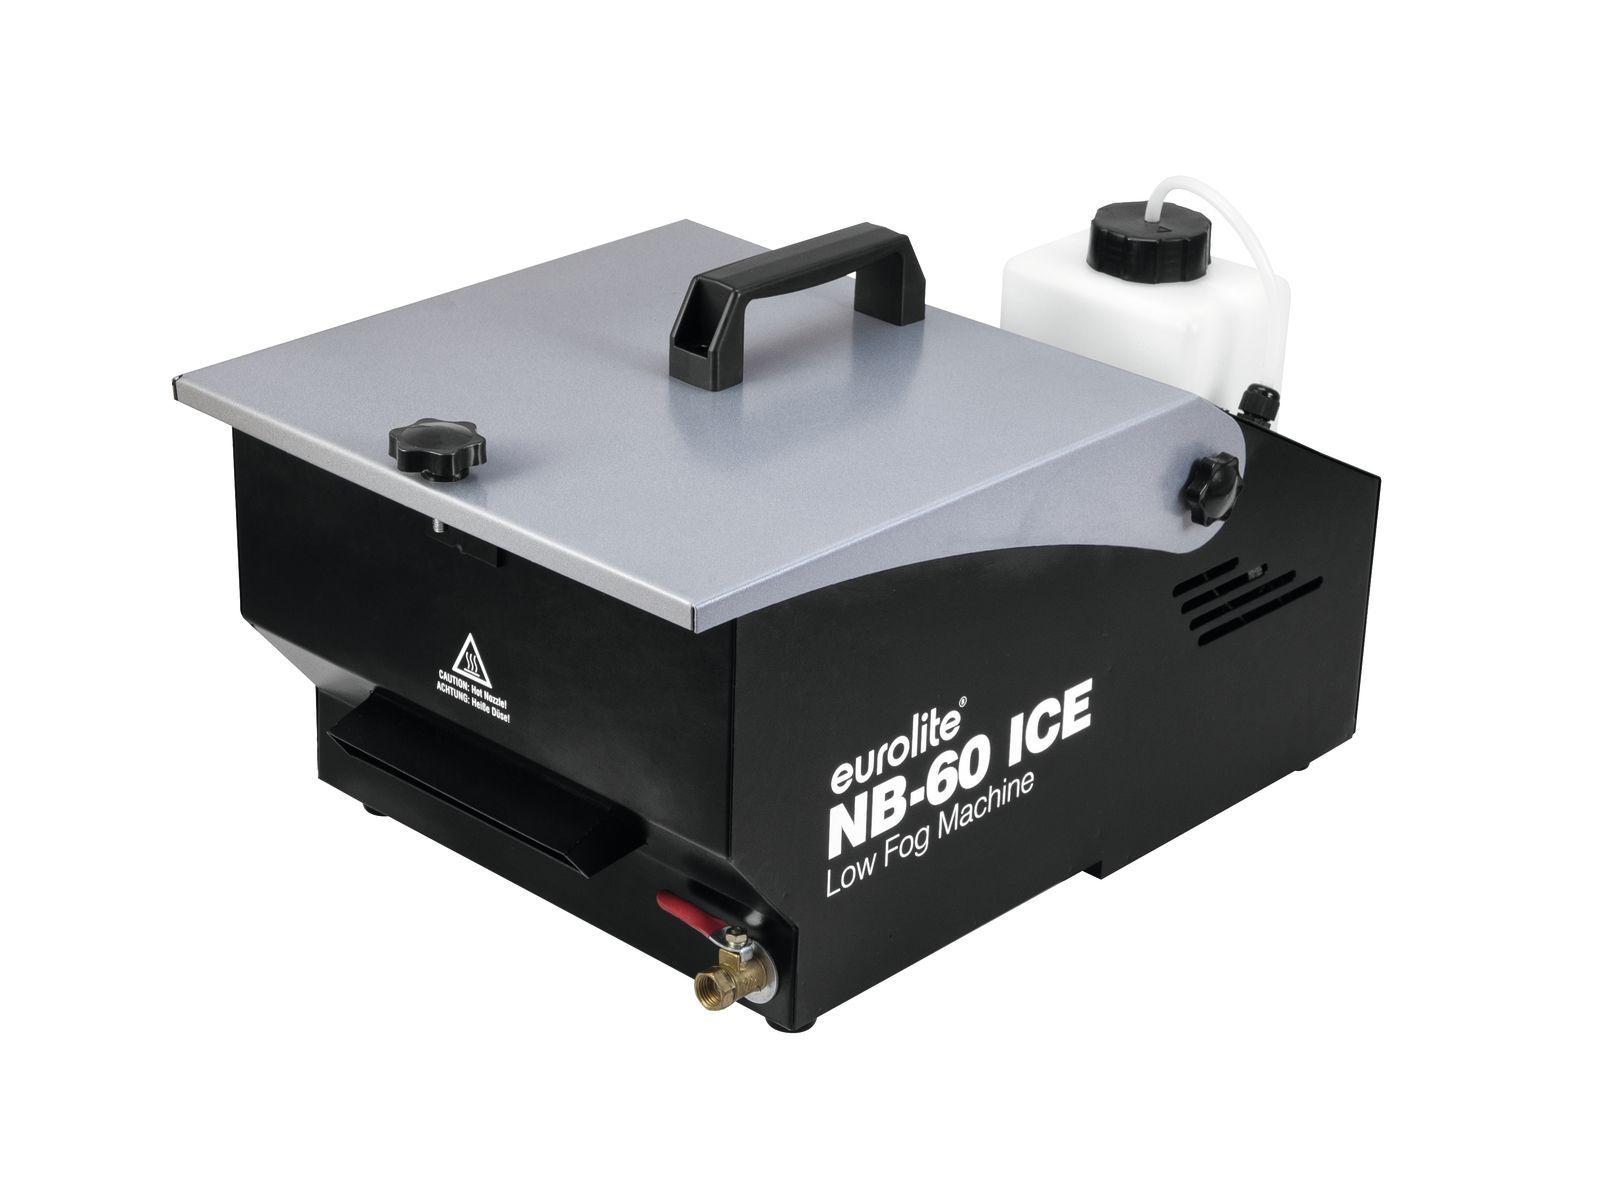 EUROLITE NB-60 ICE Bodennebler, Bodennebelmaschine mit Timersteuerung